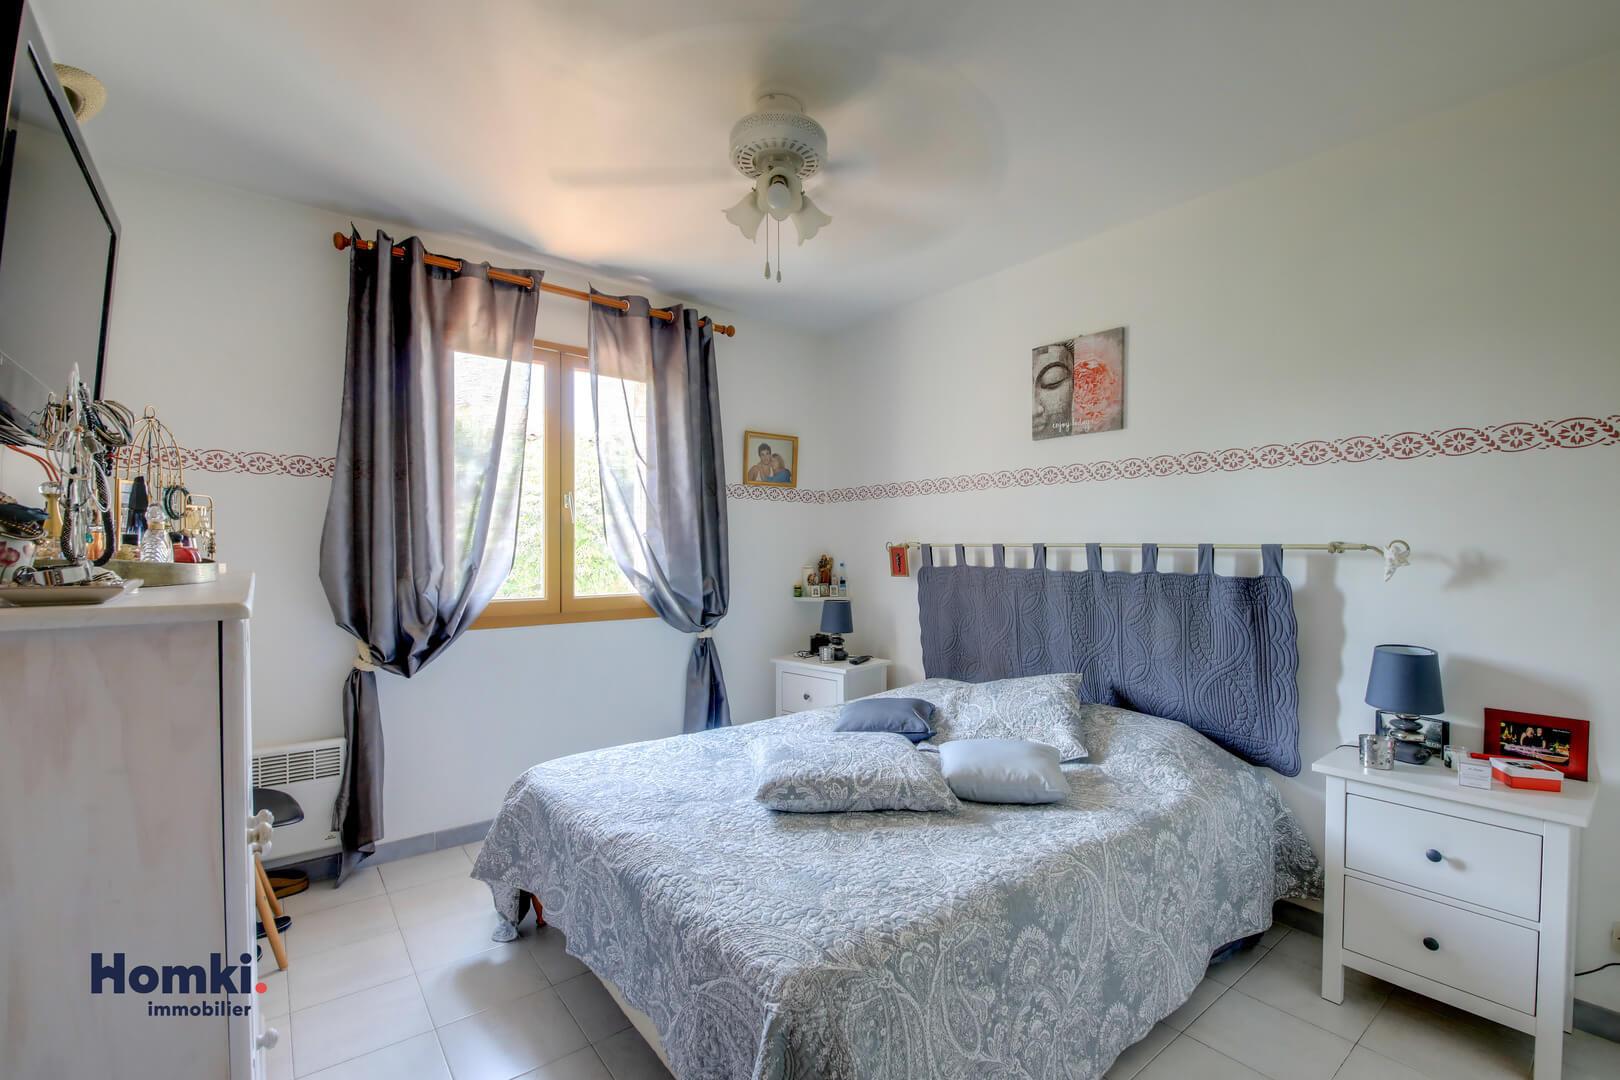 Vente maison villa Marseille Olives 13014 T6_5